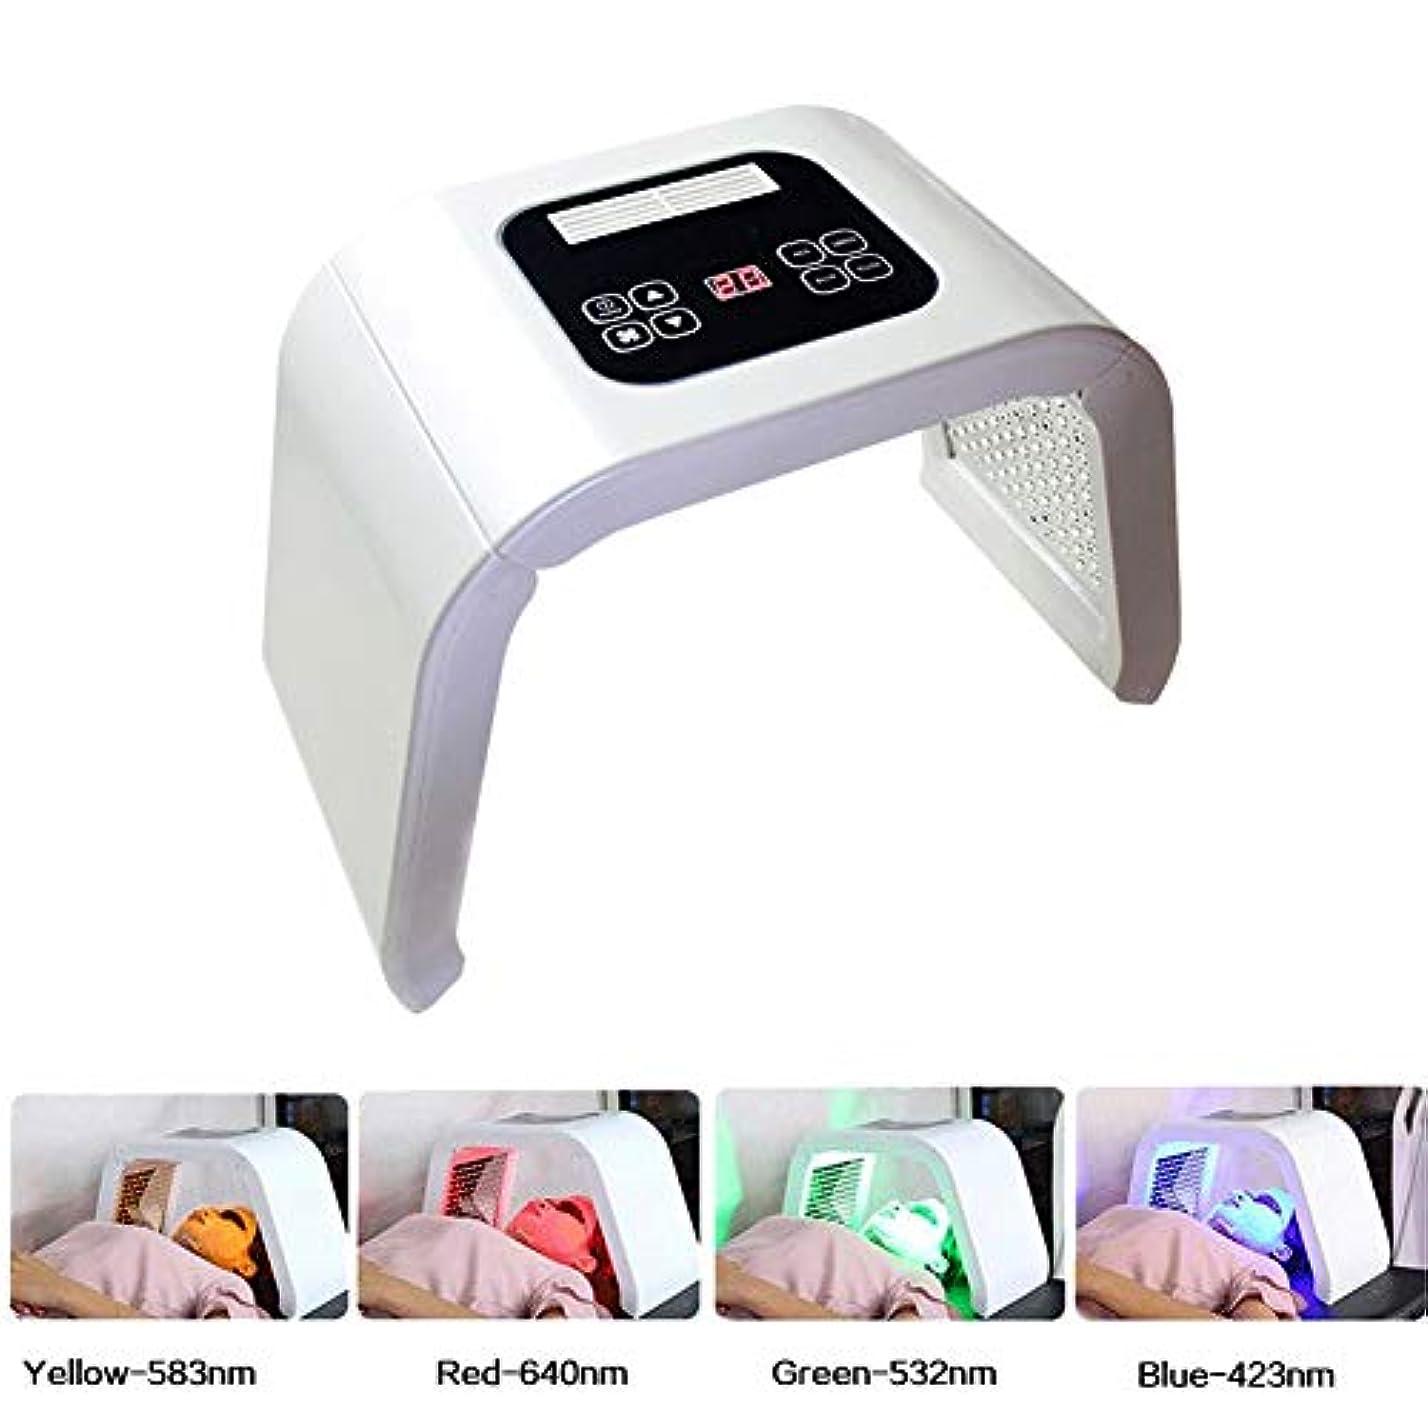 識別する感動するオーバーフロー美容機、7色LEDライトマスクポータブルフォトンPDTにきび治療しわ除去アンチエイジング肌の若返りフェイシャルケア